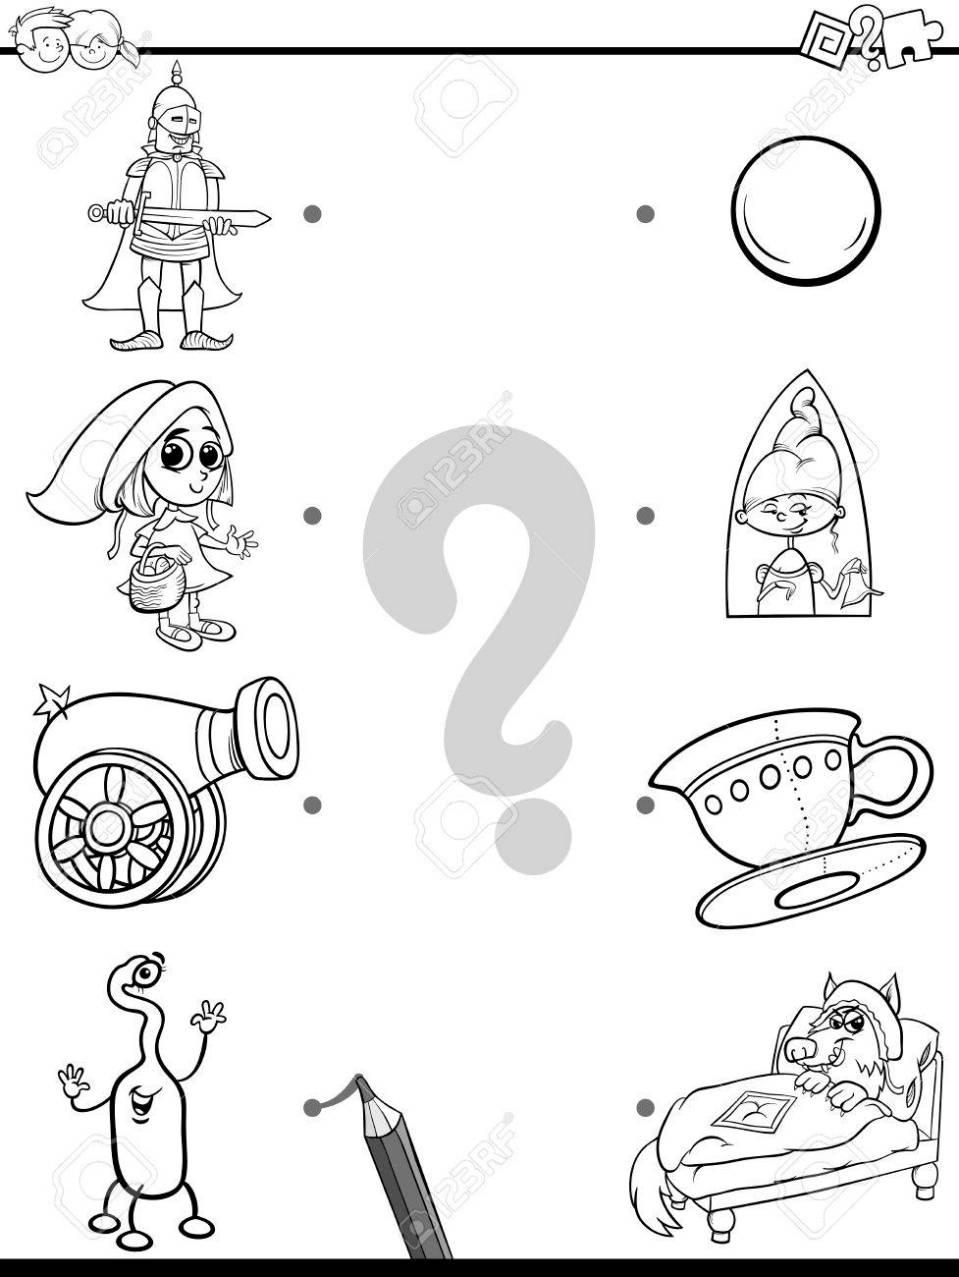 教育の黒と白の漫画イラスト ファンタジー オブジェクトやキャラクターの